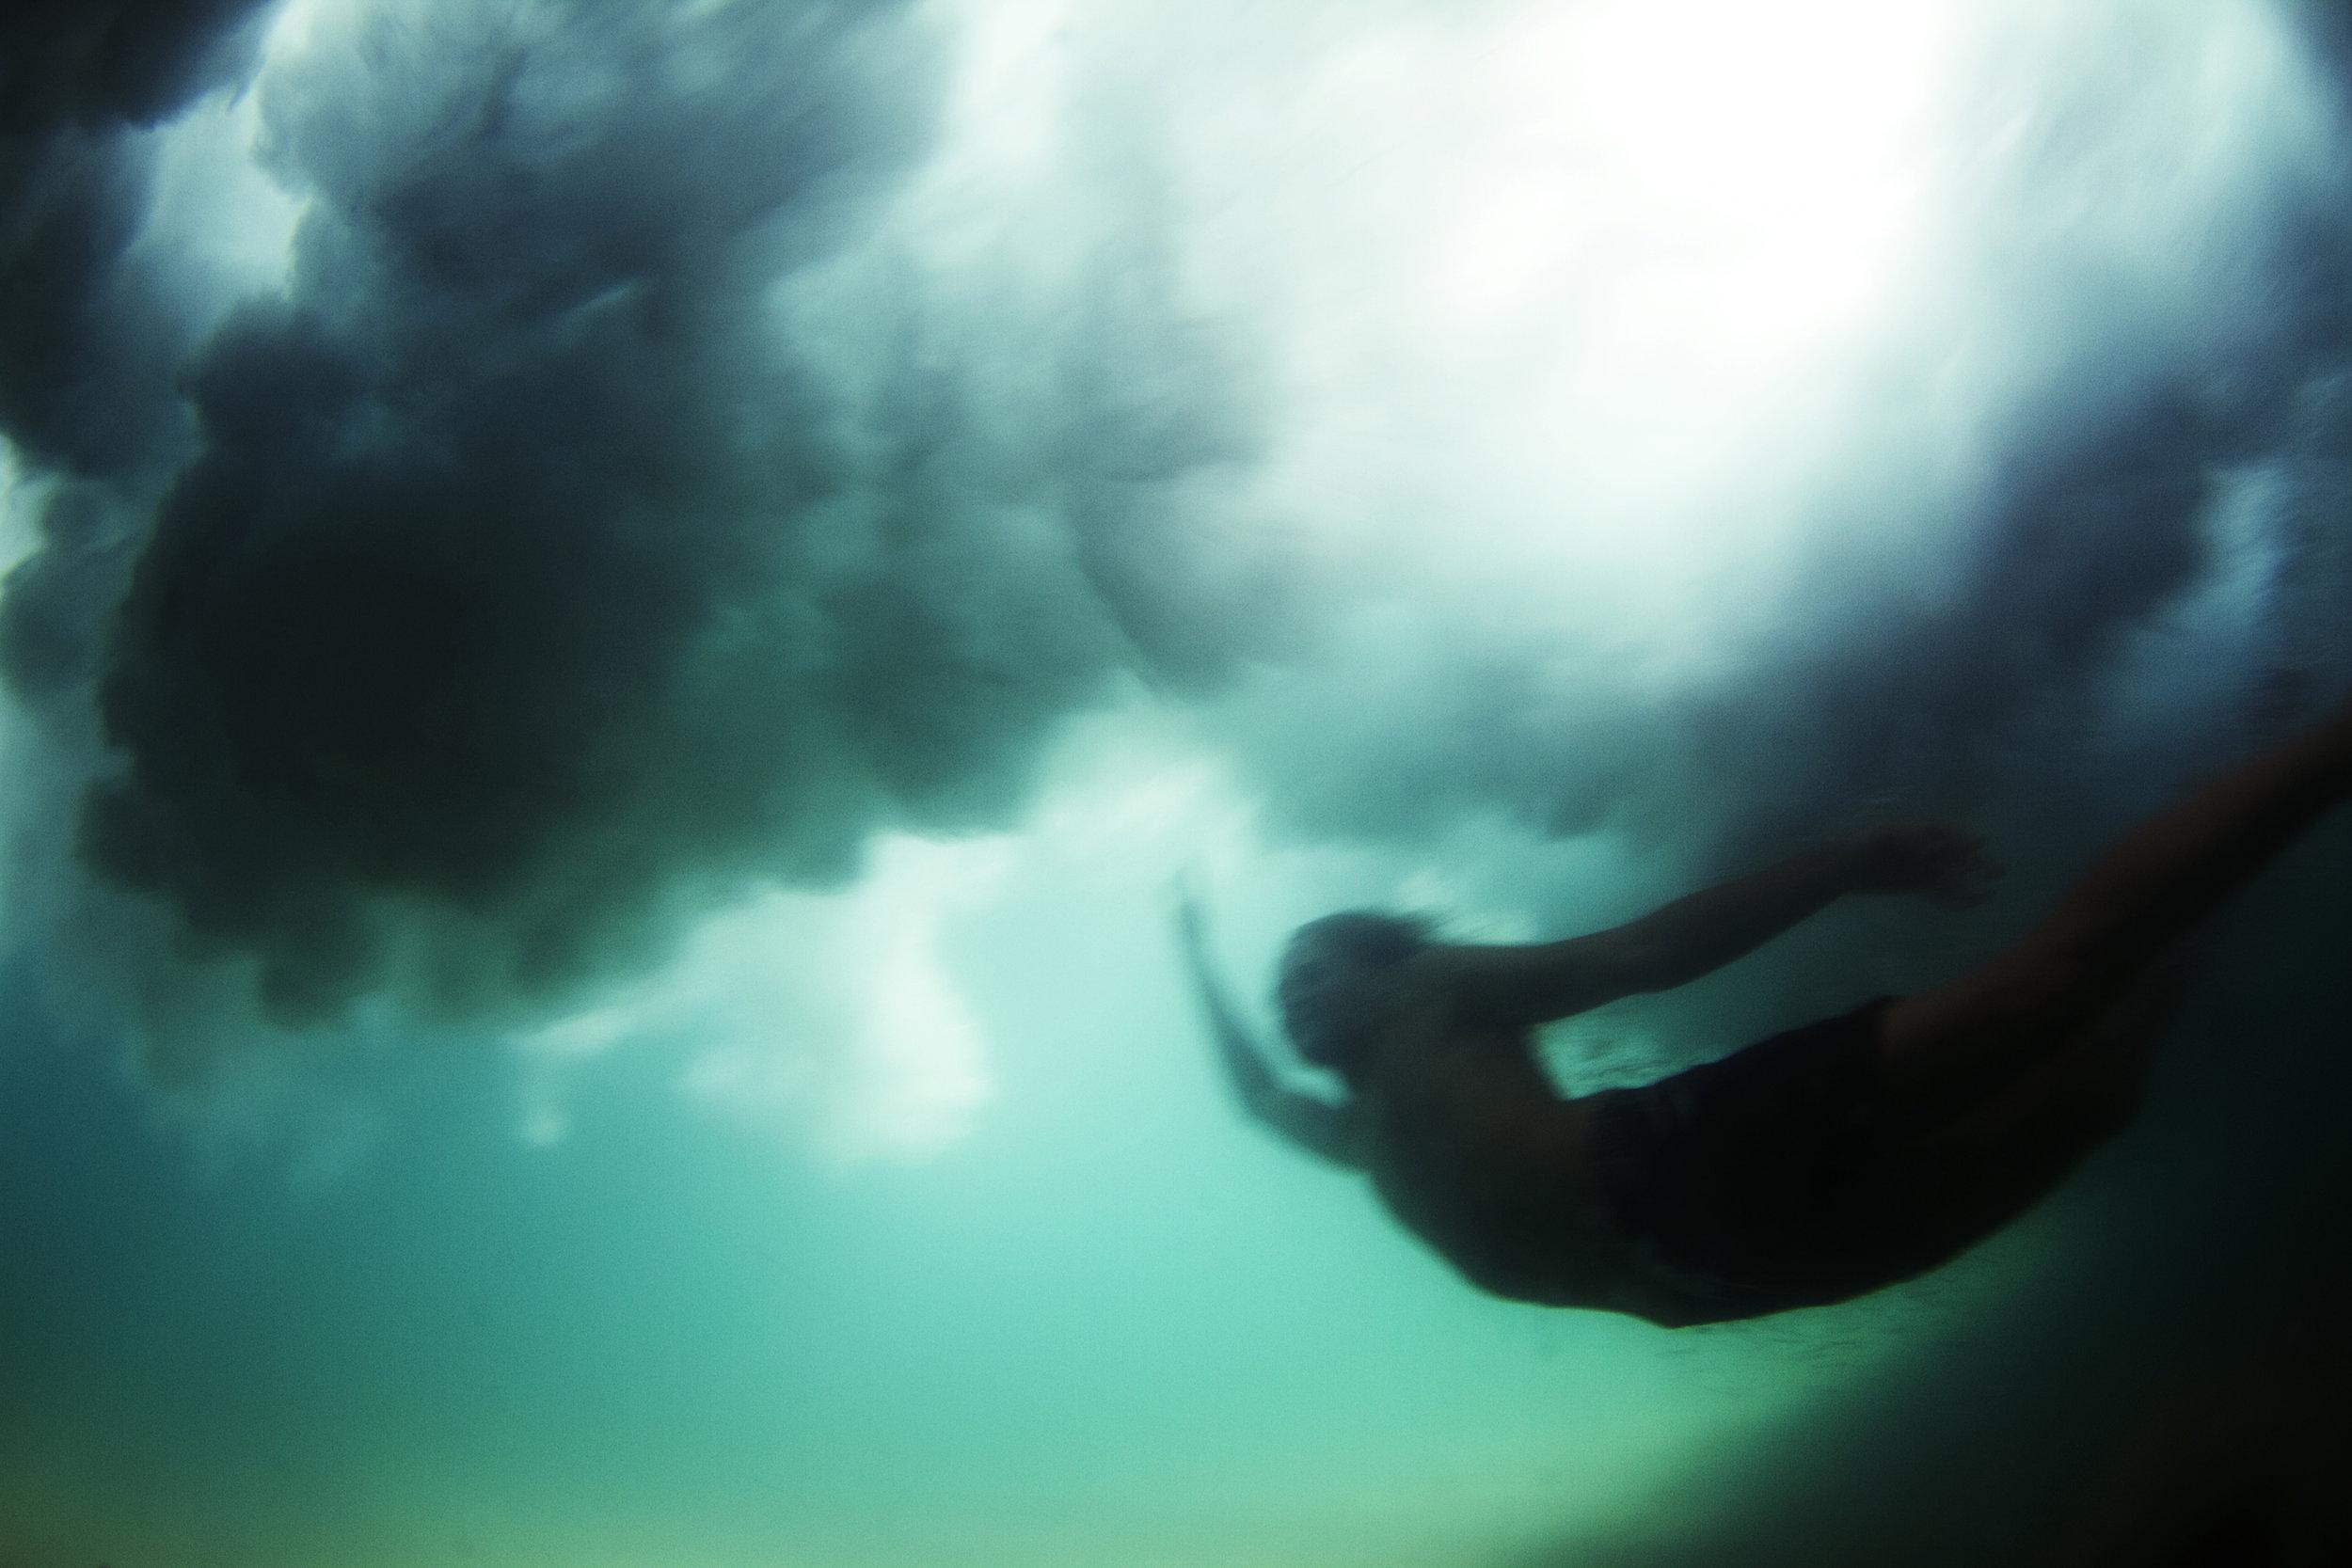 underwater_07.jpg